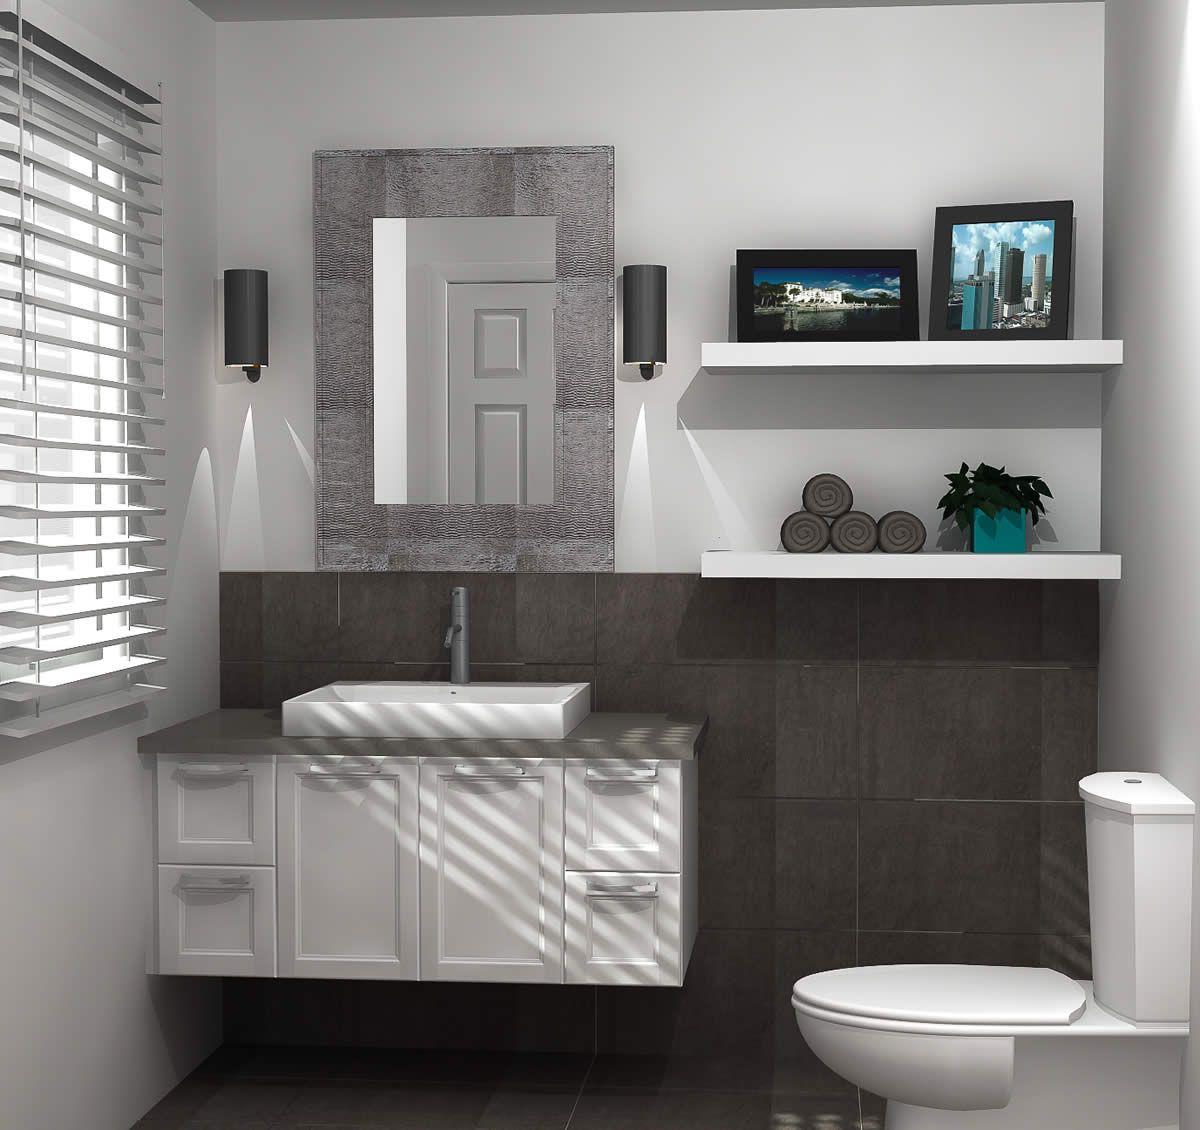 notre portfolio vous montre des dizaines de mod les de cuisine et salle de bain de quoi vous. Black Bedroom Furniture Sets. Home Design Ideas